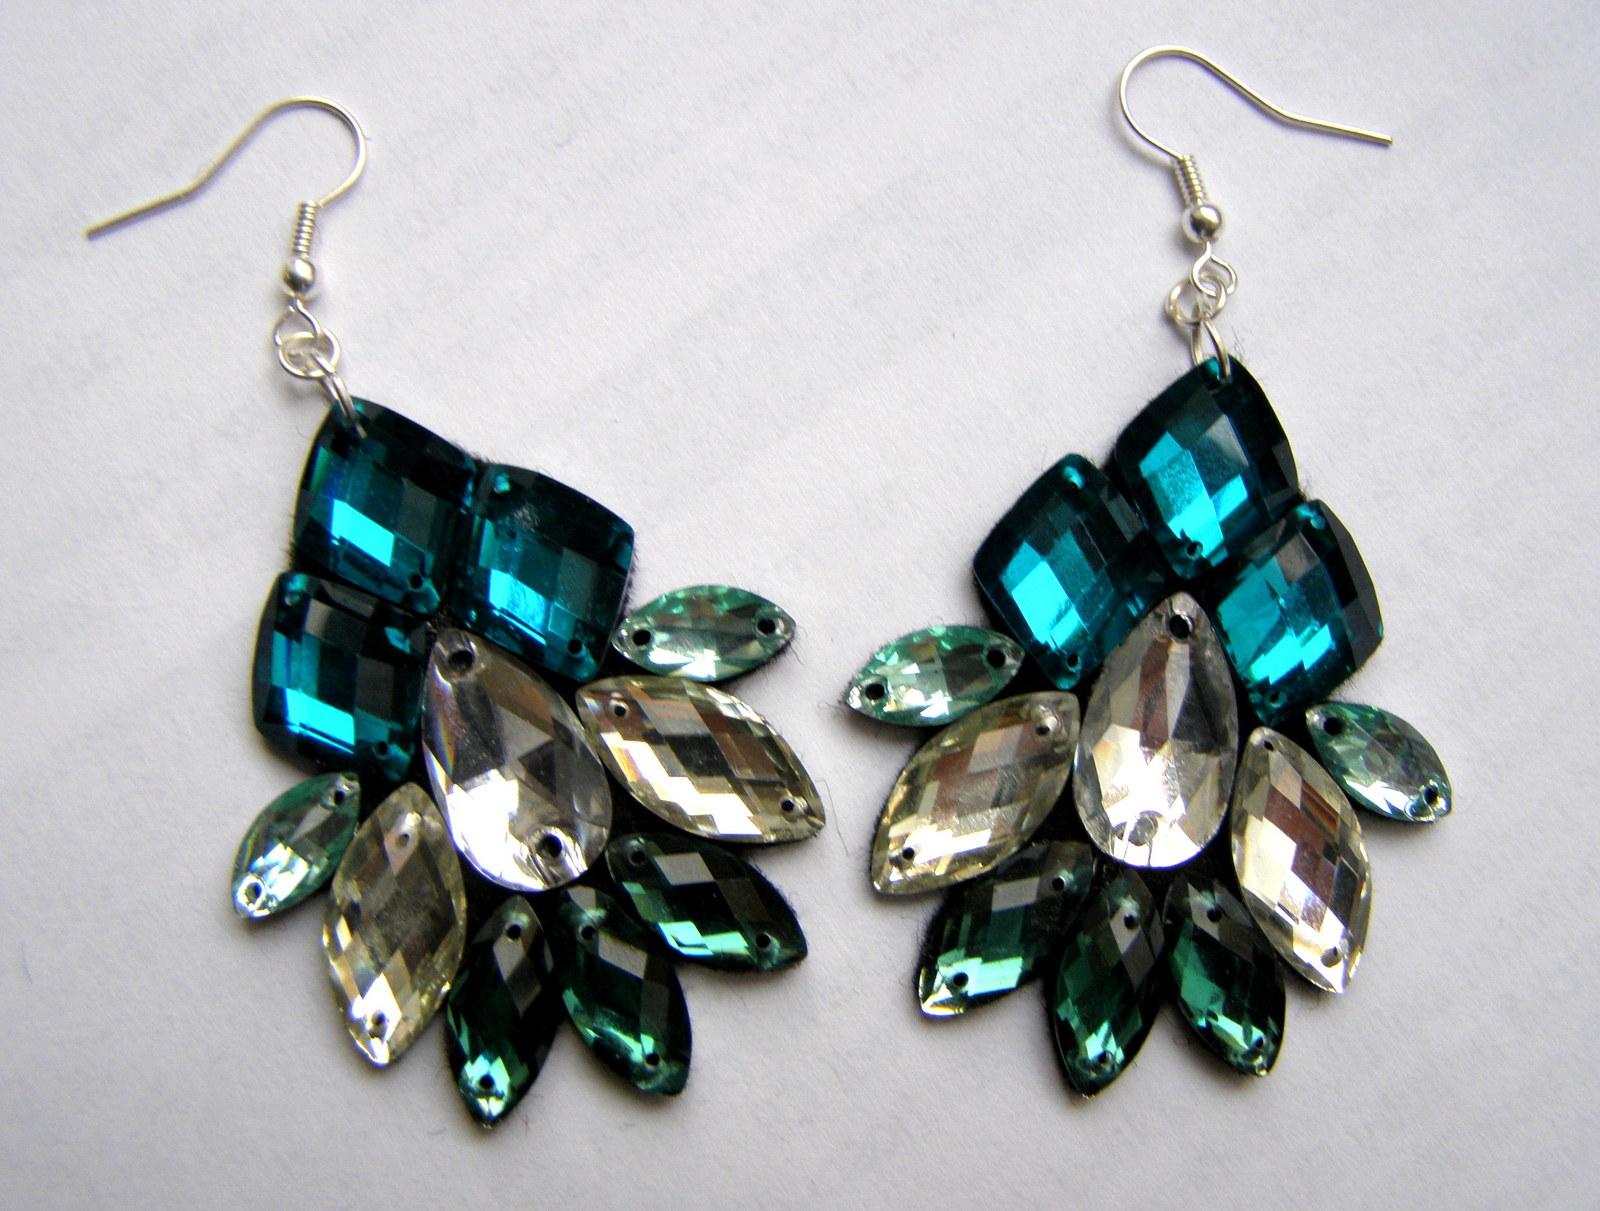 Smaragdové náušnice   Zboží prodejce GemsOver  c41b78b8769